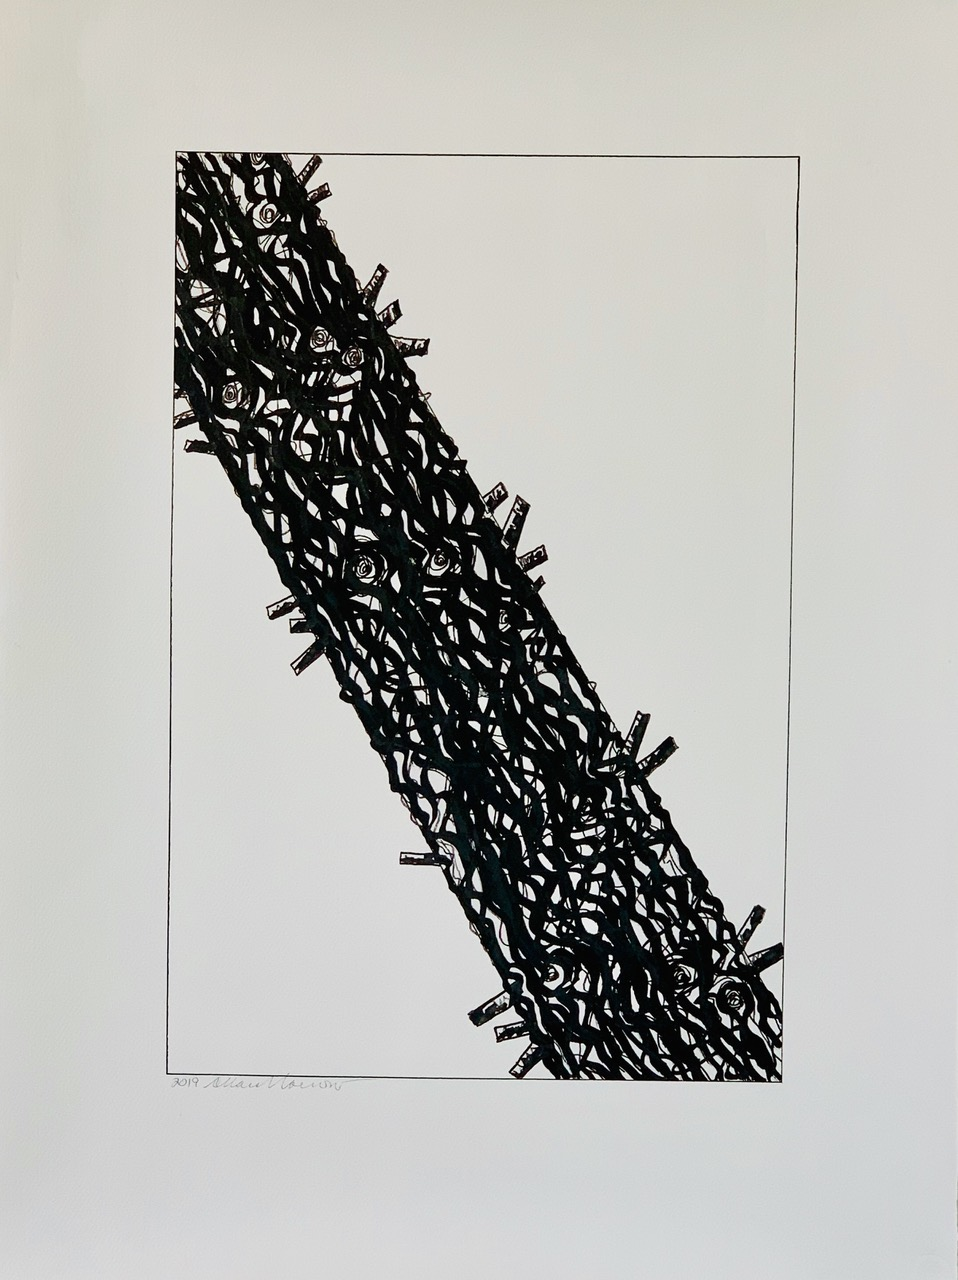 Burnt Tree Drawing 4-AF, 2019